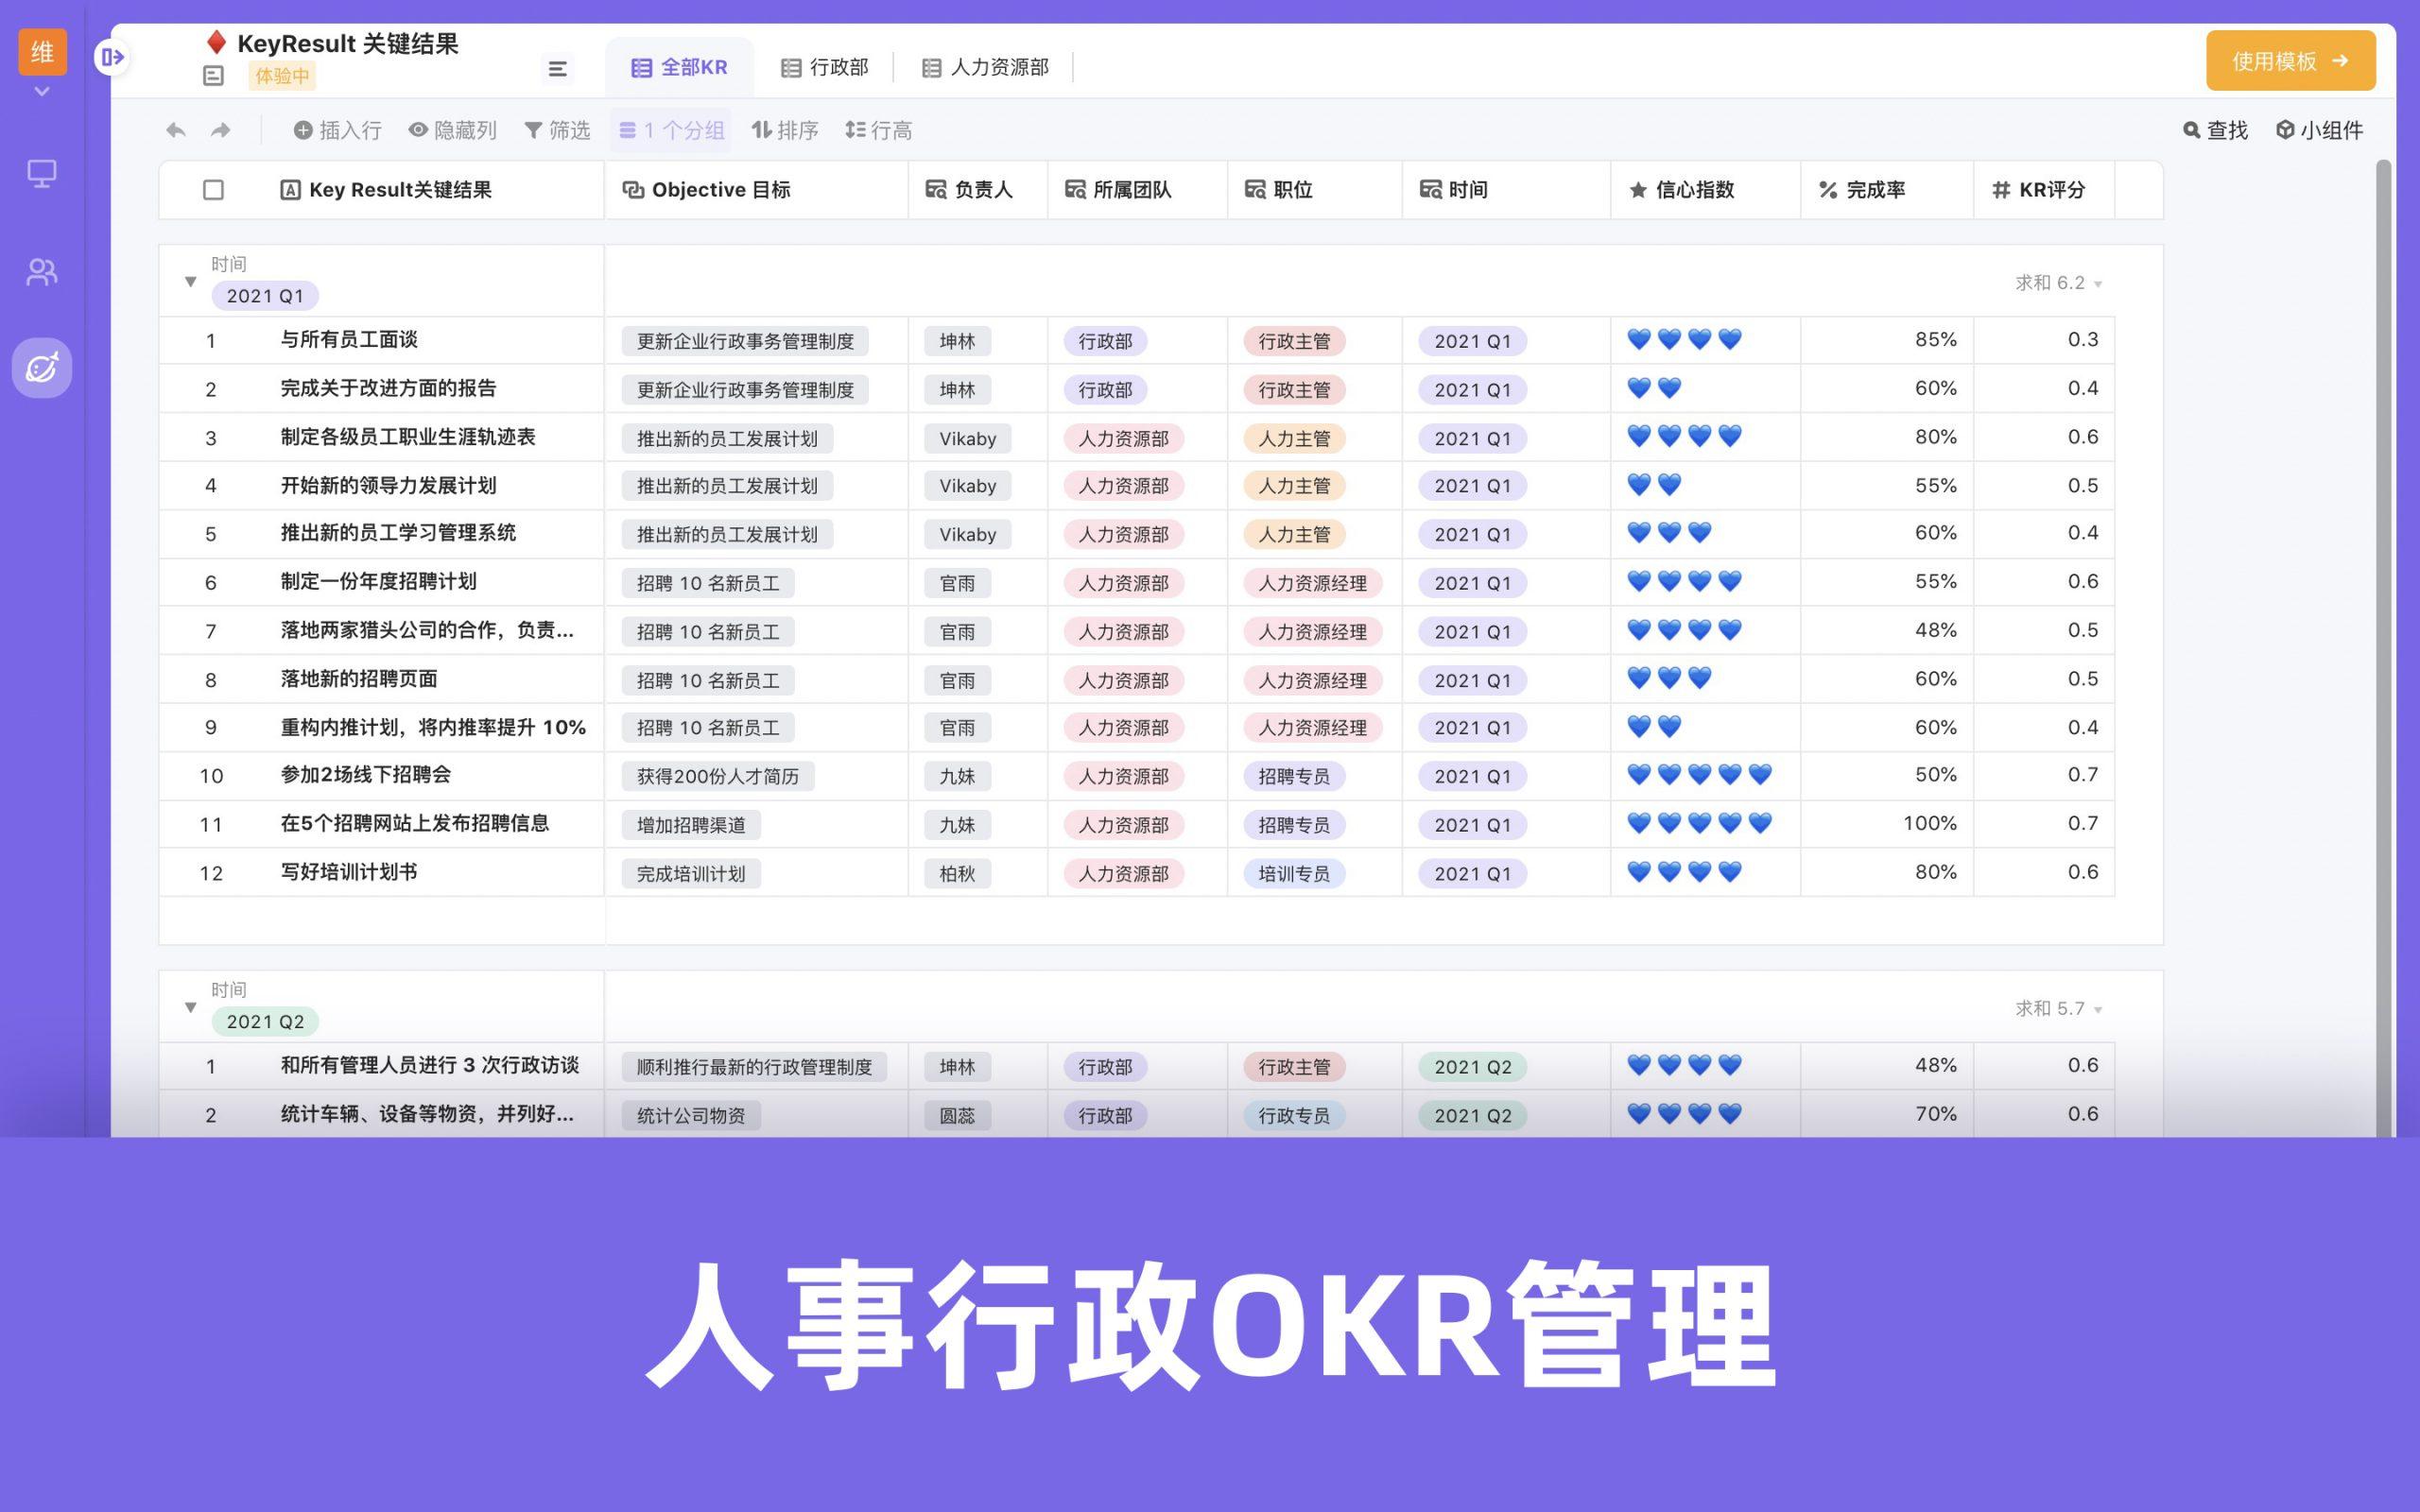 OKR模板-人事行政OKR管理